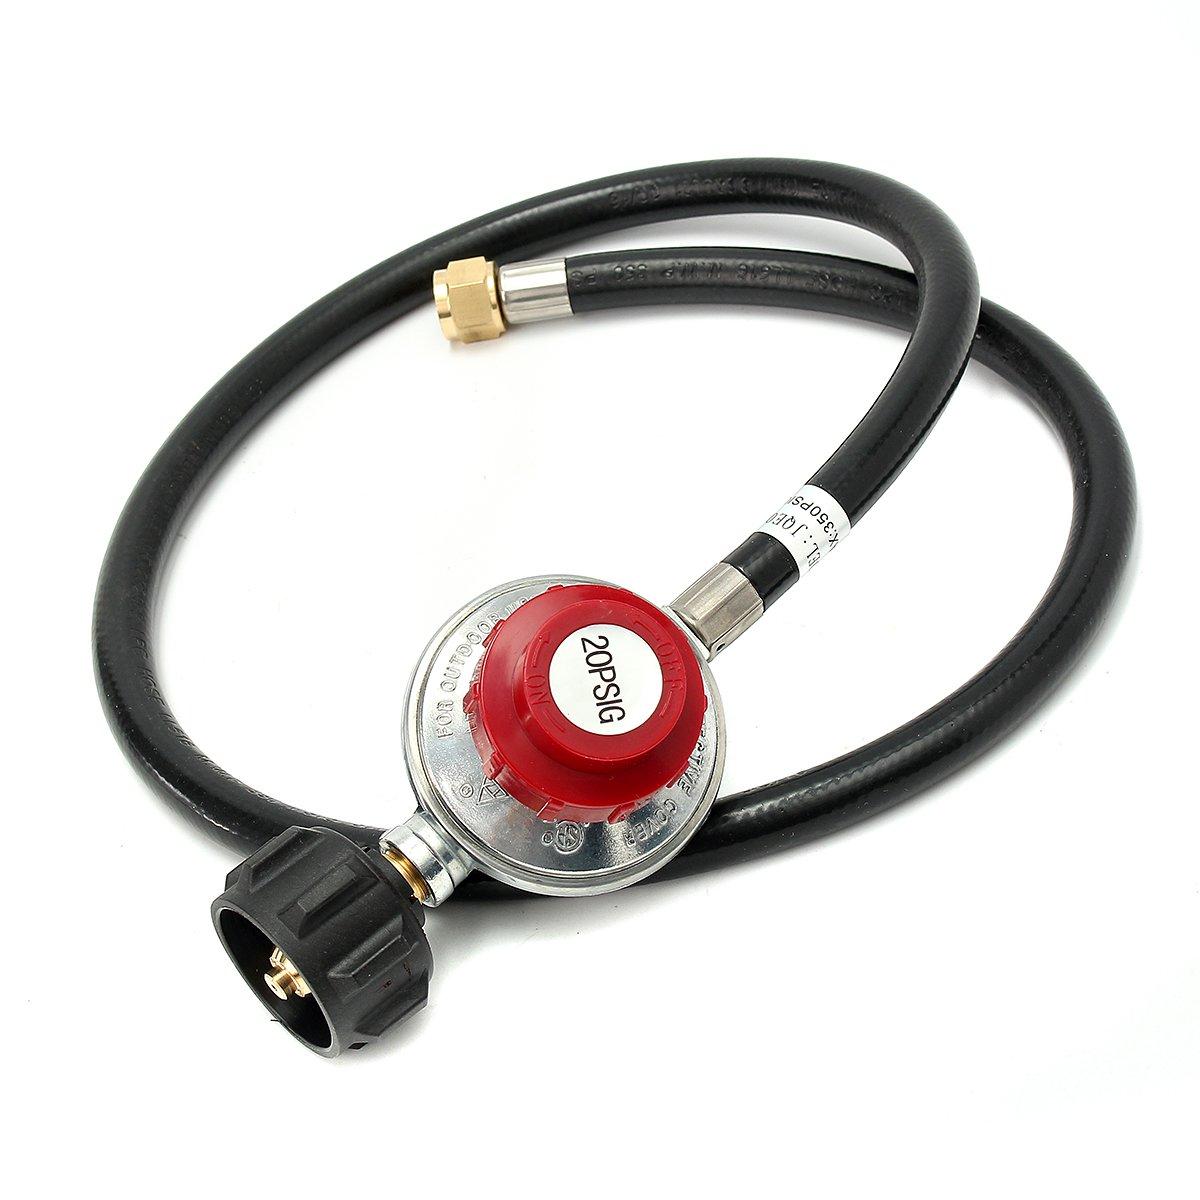 20PSI Adjustable Propane Gas Regulator High Pressure LPG Heater Burner Stove Fryer with 4ft Hose